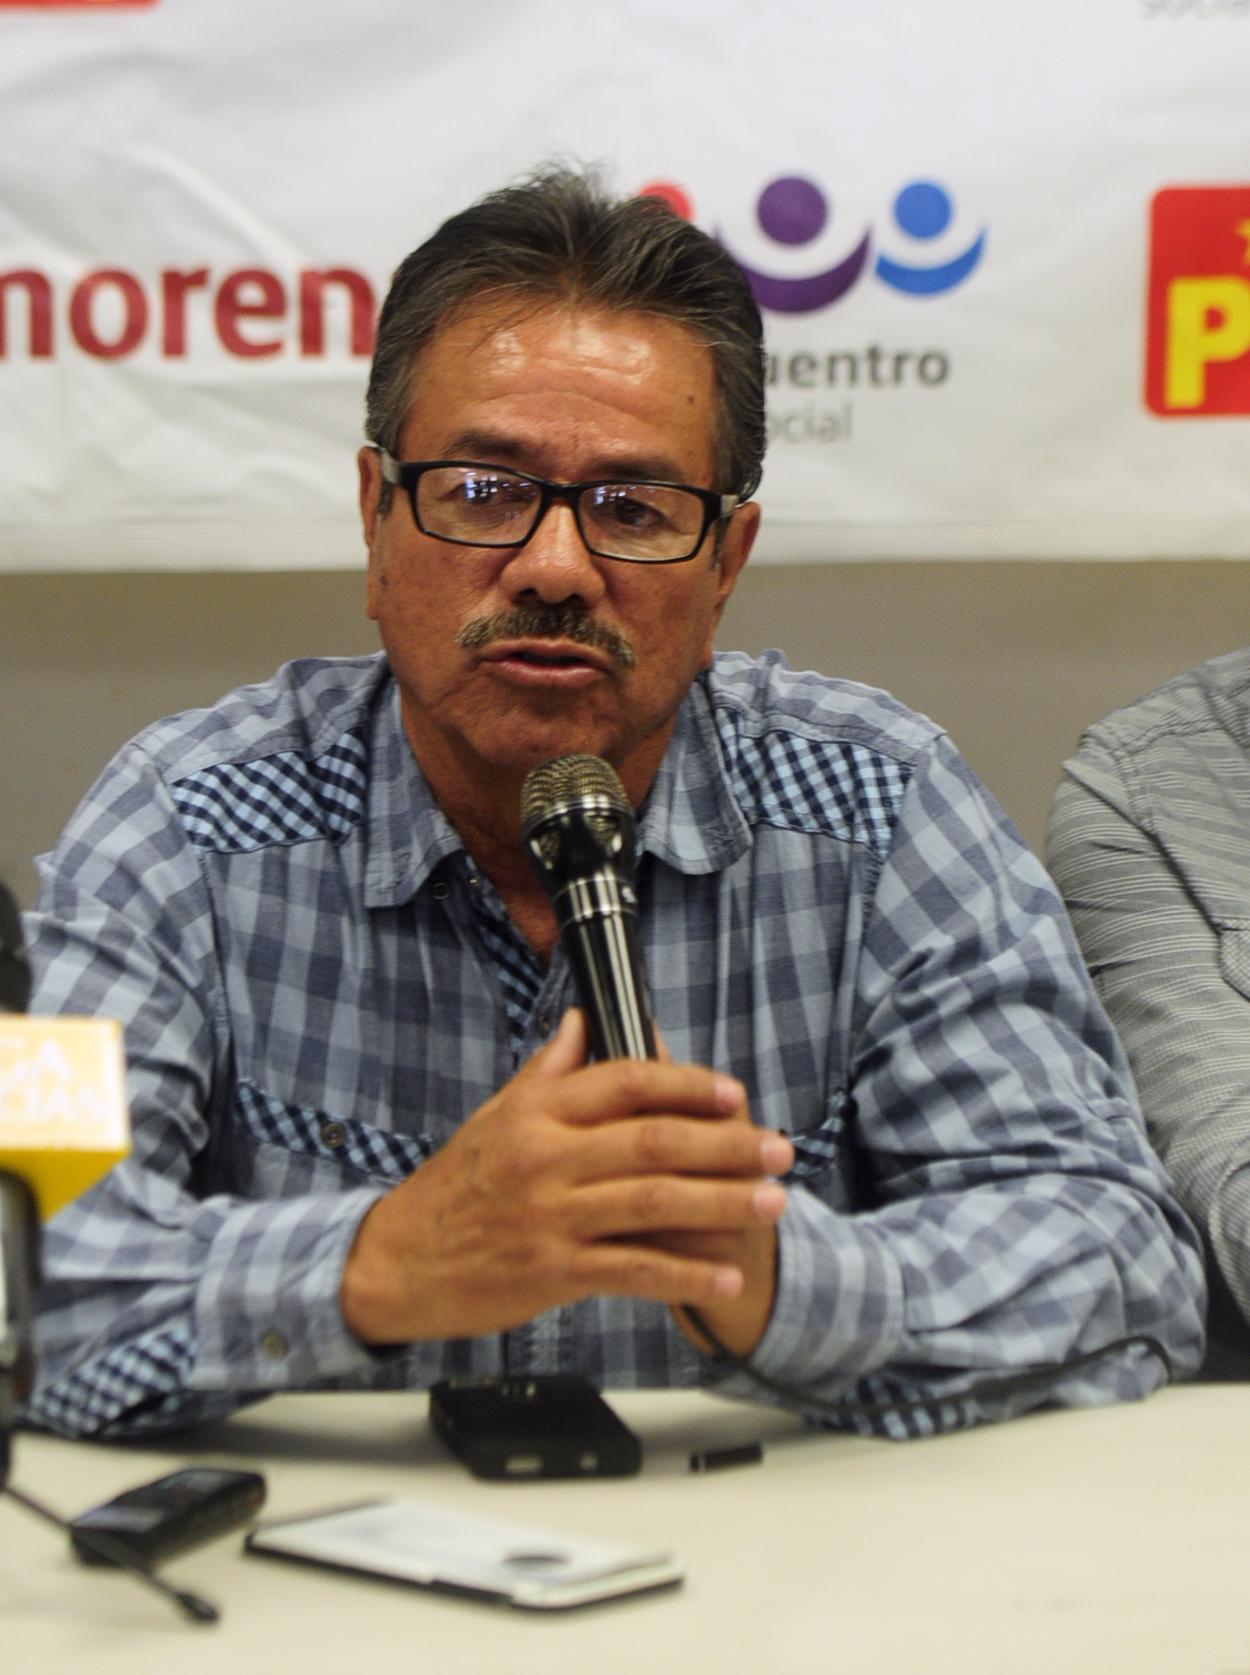 Nuevos afiliados a Morena desde Cananea-Sergio Gomez (6)